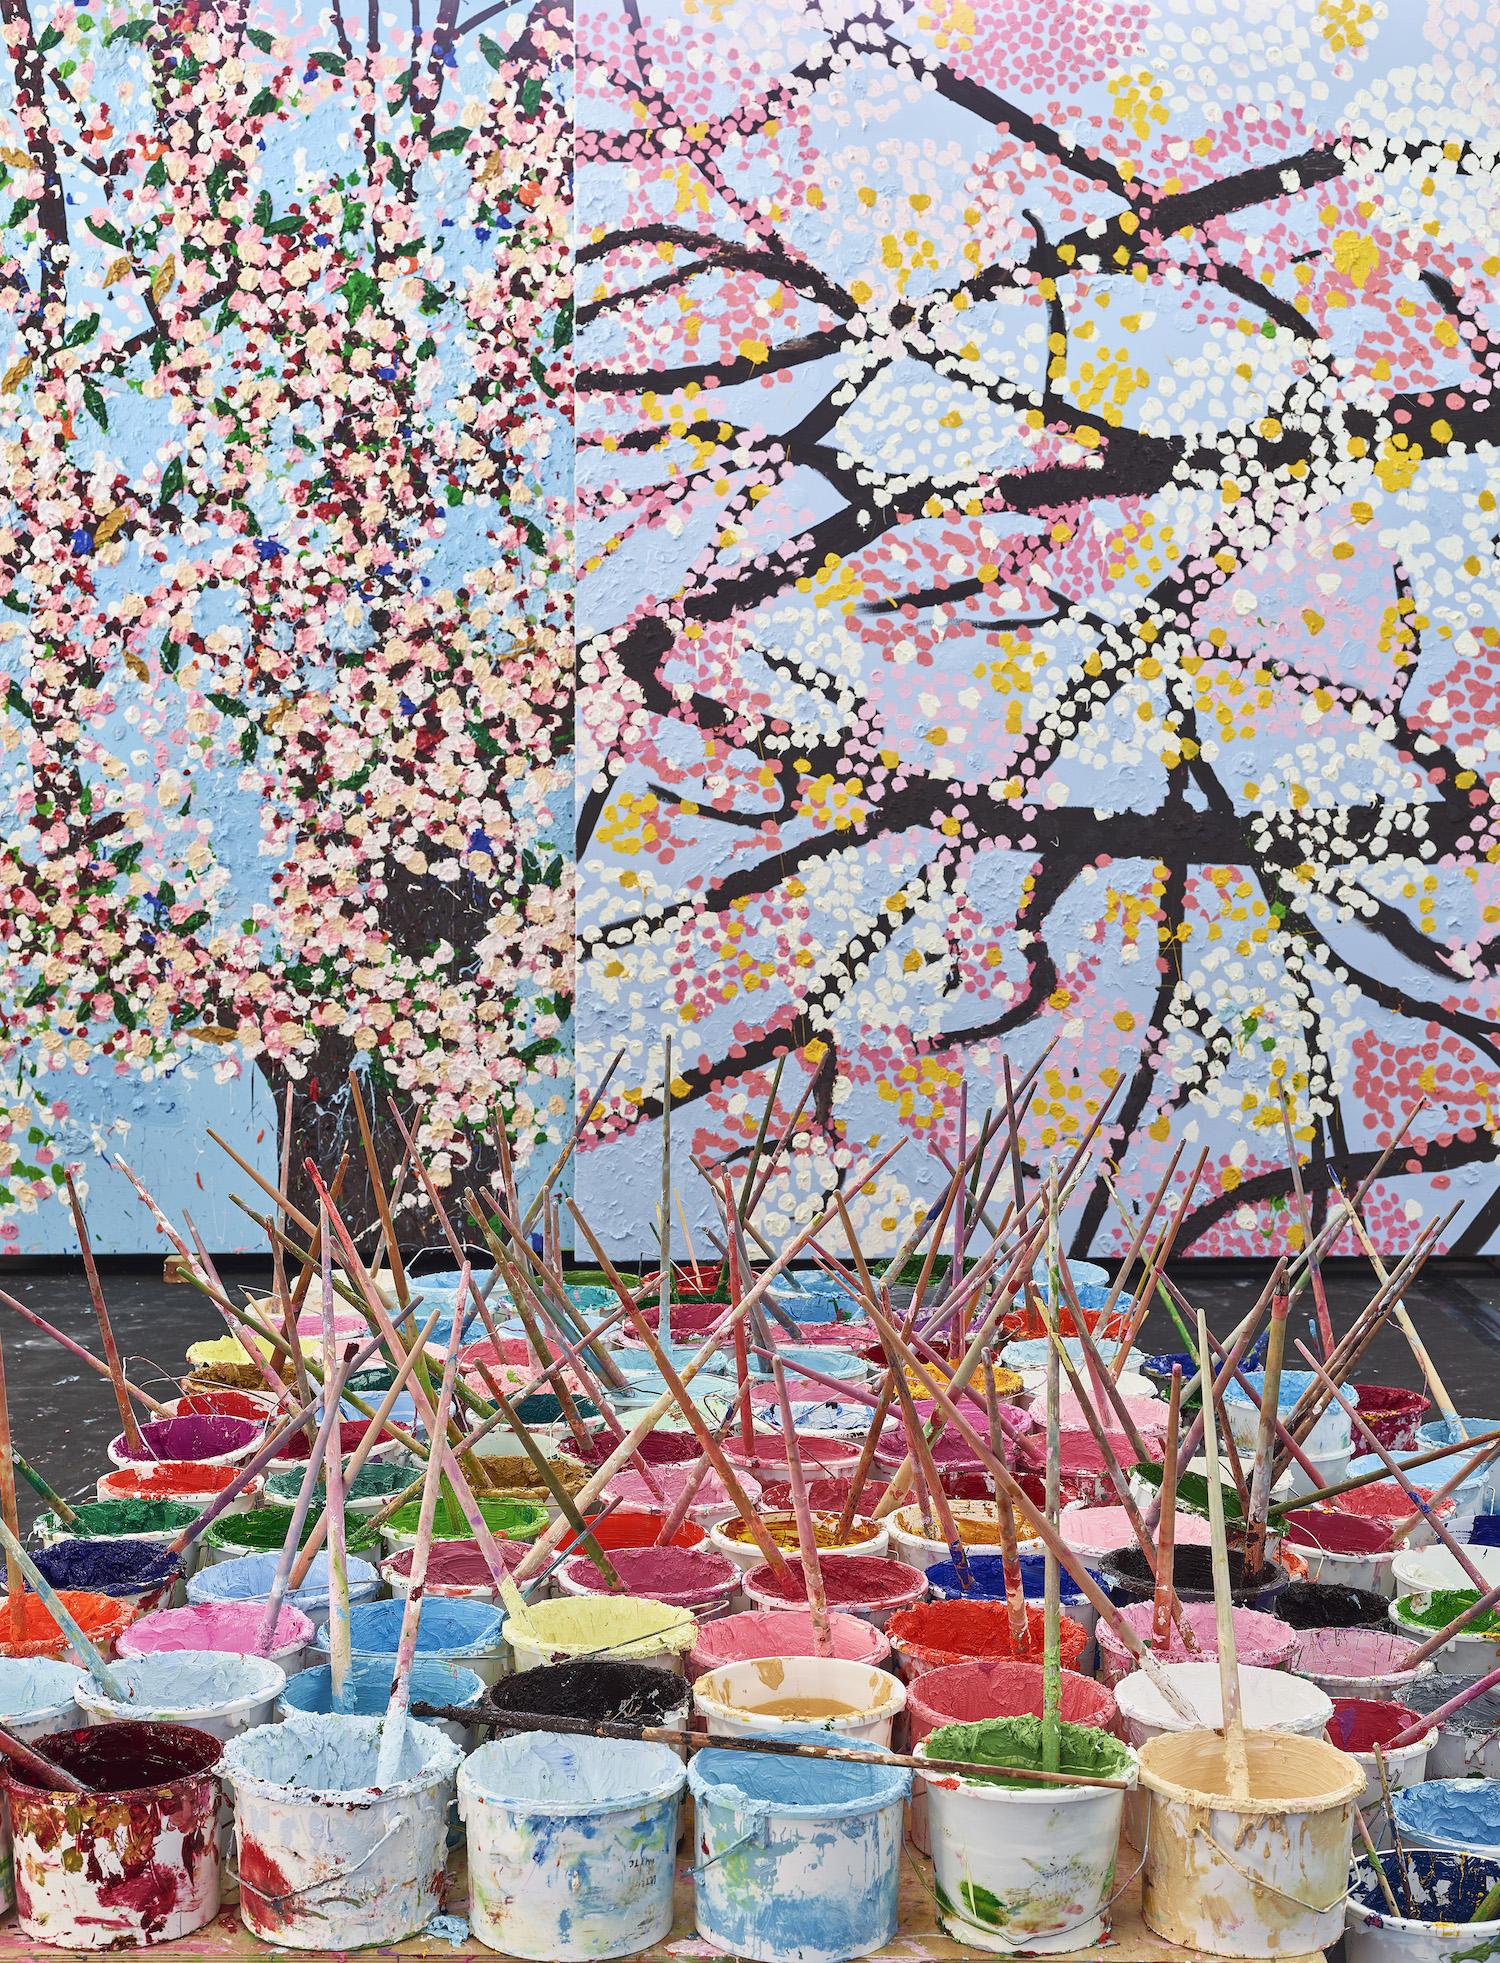 damien hirst cherry blossoms exhibit